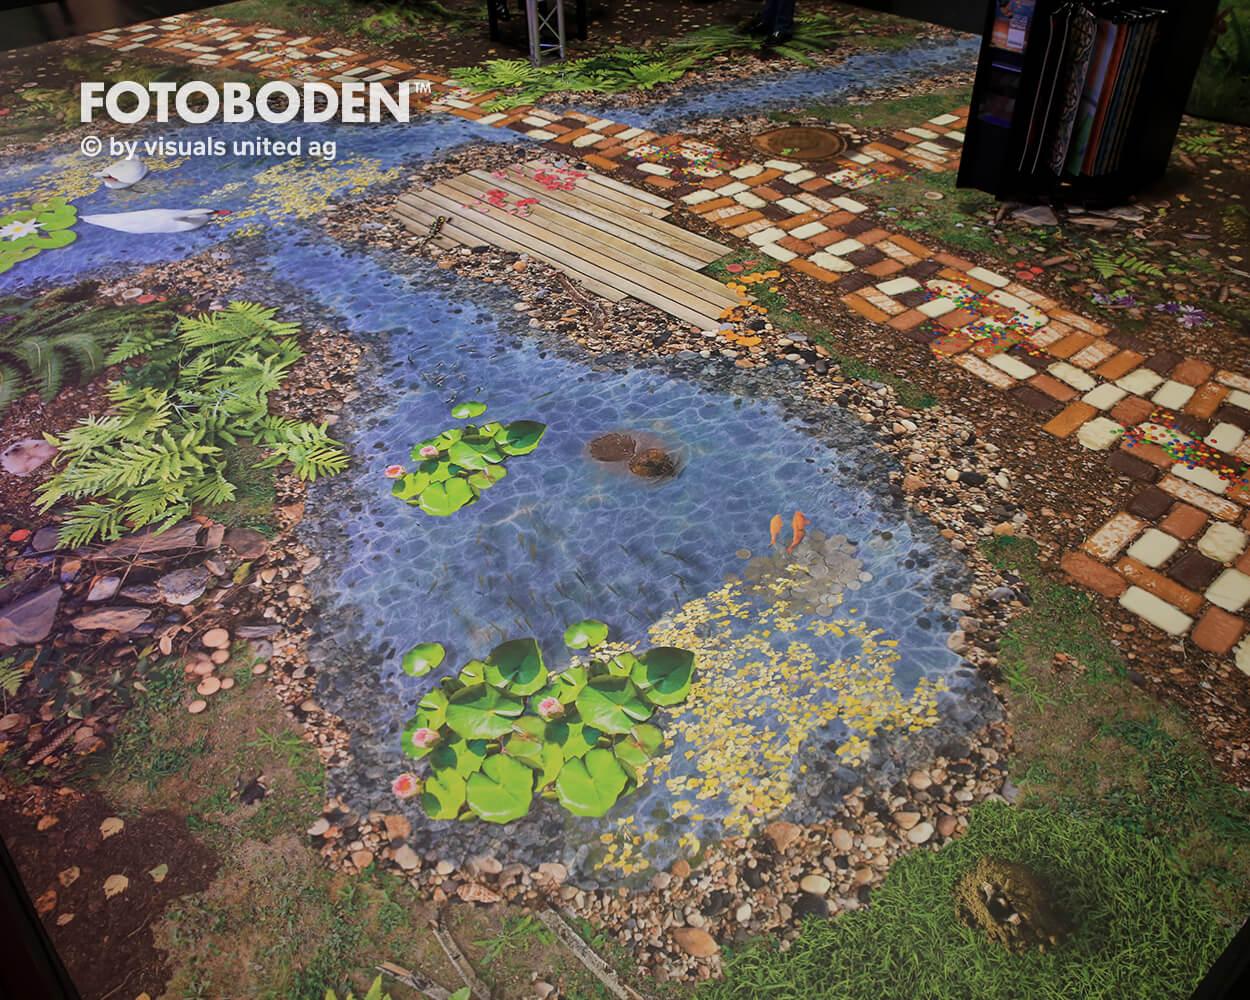 BOE2018 5 Fotoboden Messeboden Tradeshow Flooring Bodengestaltung Messe Bodendesign Messedesign Design Boden Messegestaltung